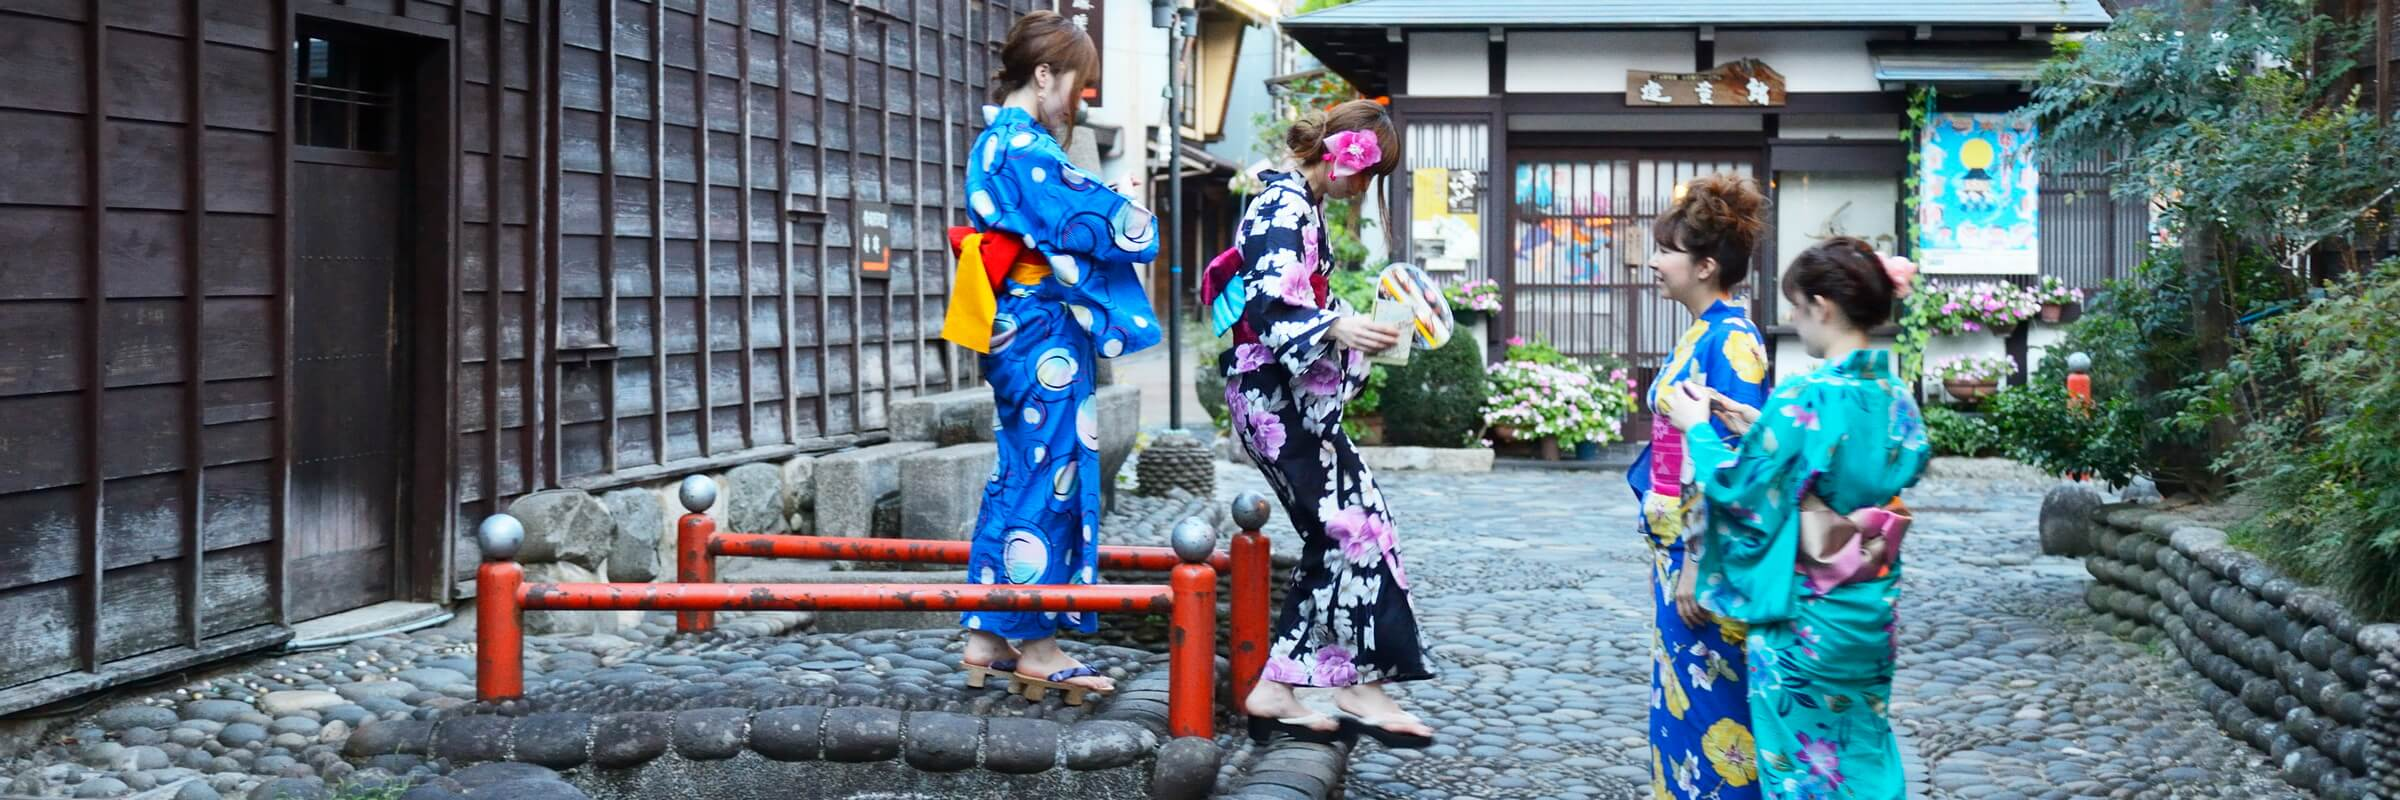 Geishas sind japanische Unterhaltungskünstlerinnen, die traditionelle japanische Künste darbieten.